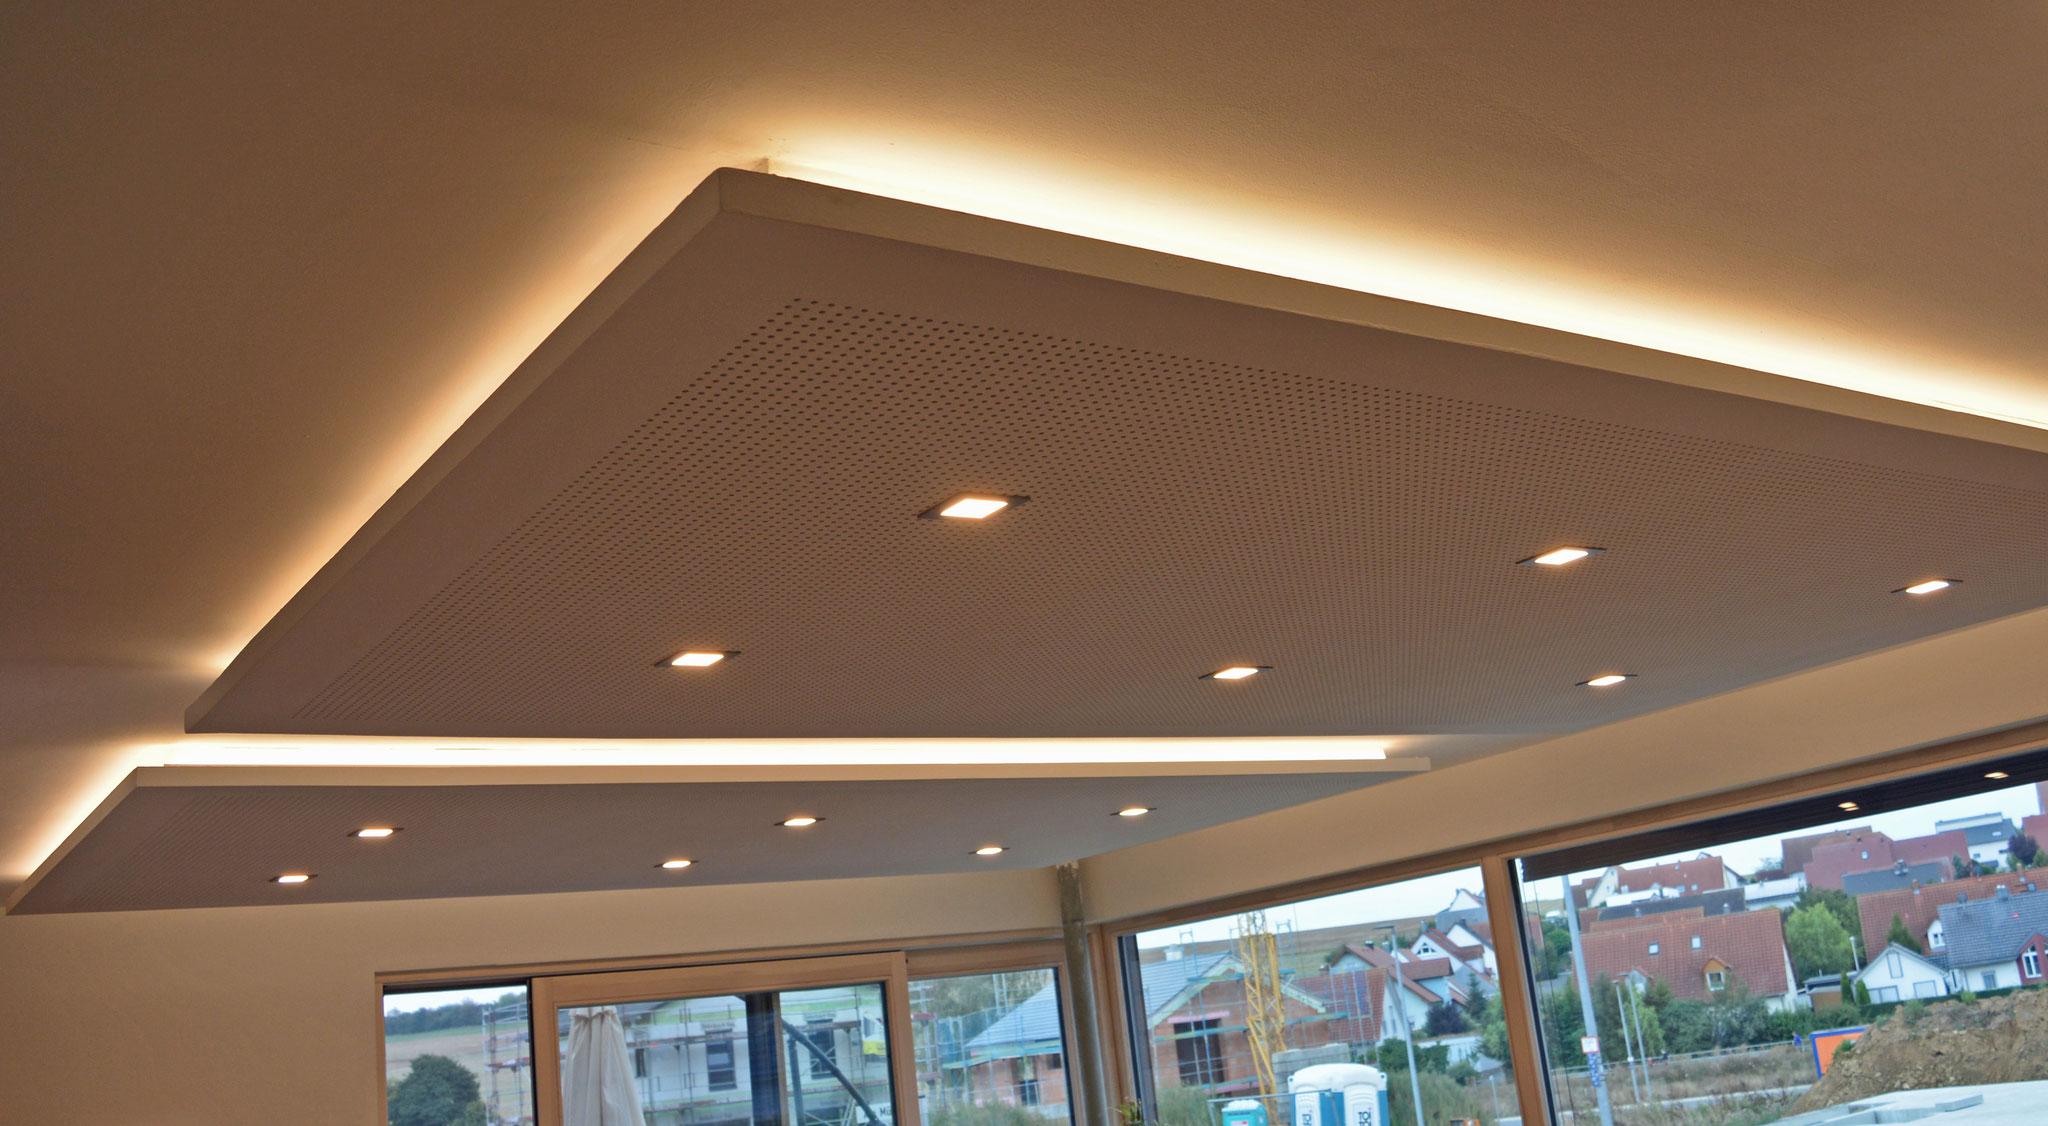 Einbaustrahler quadratisch 7W 2700K 570lm ; indirekte Beleuchtung: pro Deckenfeld ca. 54W LED-Stripe: 4,8W/m 3000K